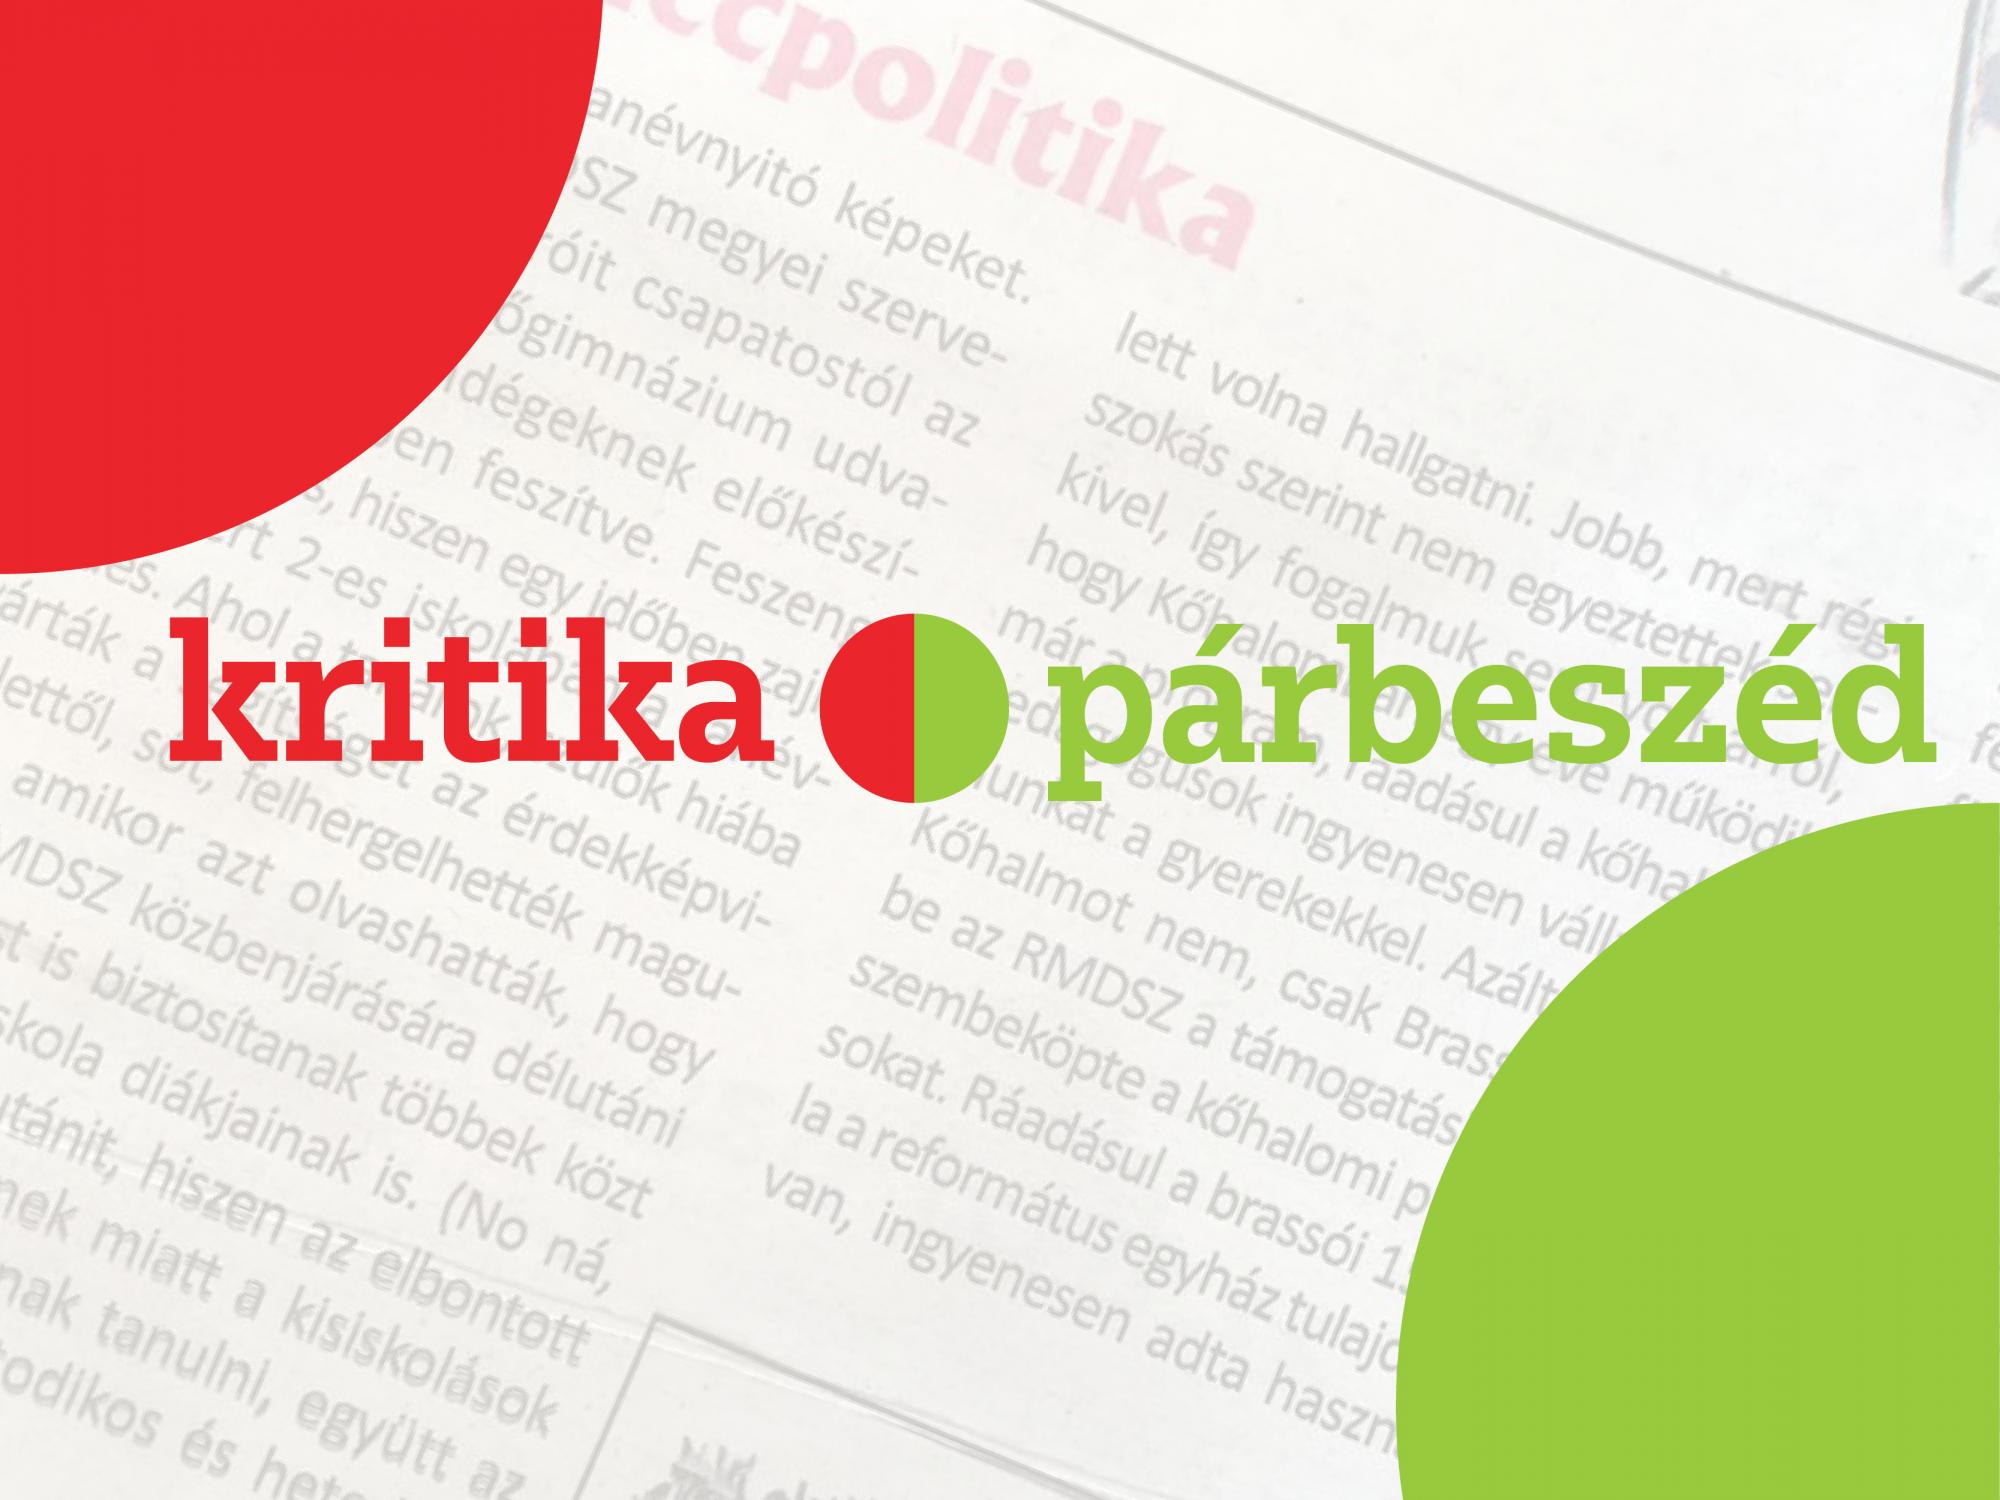 Kovács Attila: valótlan állítások és részigazgságok vs. tények és valóság